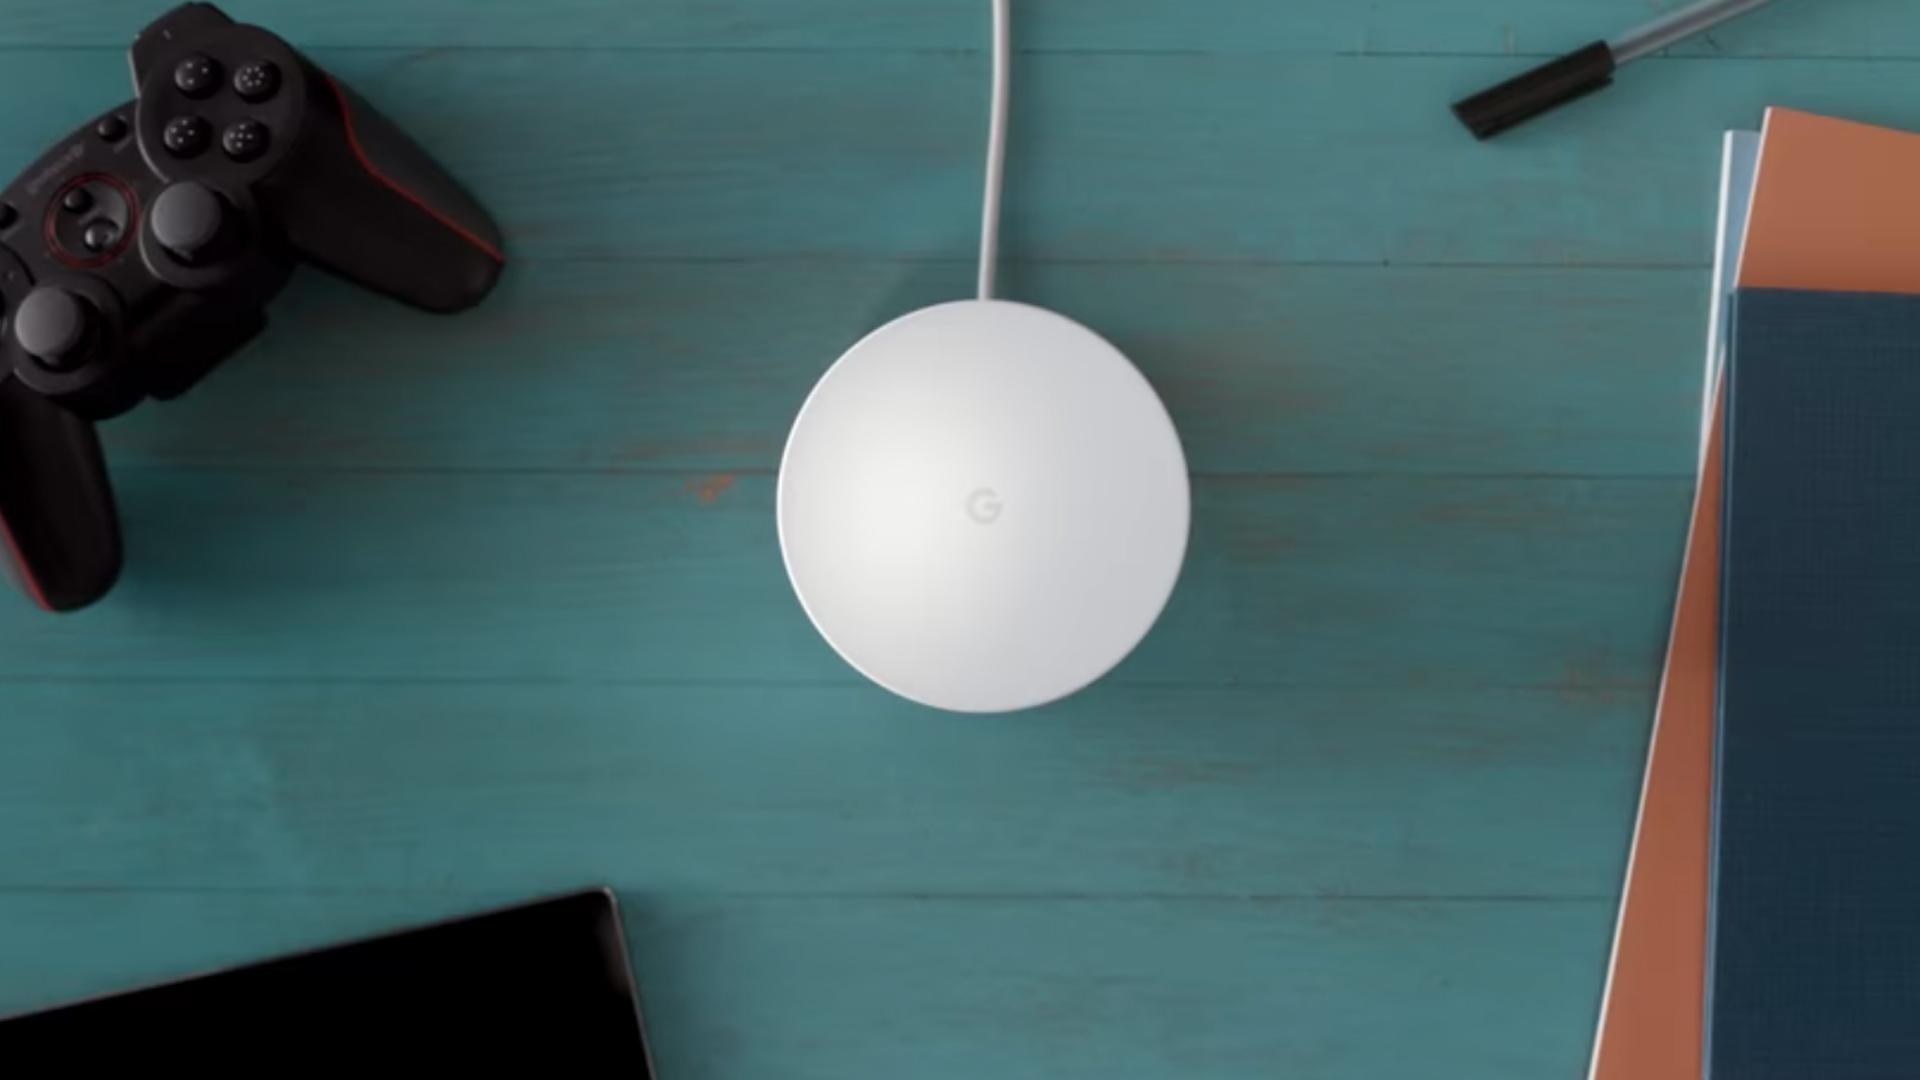 O Google Wi-Fi garante uma cobertura superior a de outros roteadores do mercado (Fonte: Google/ Reprodução)